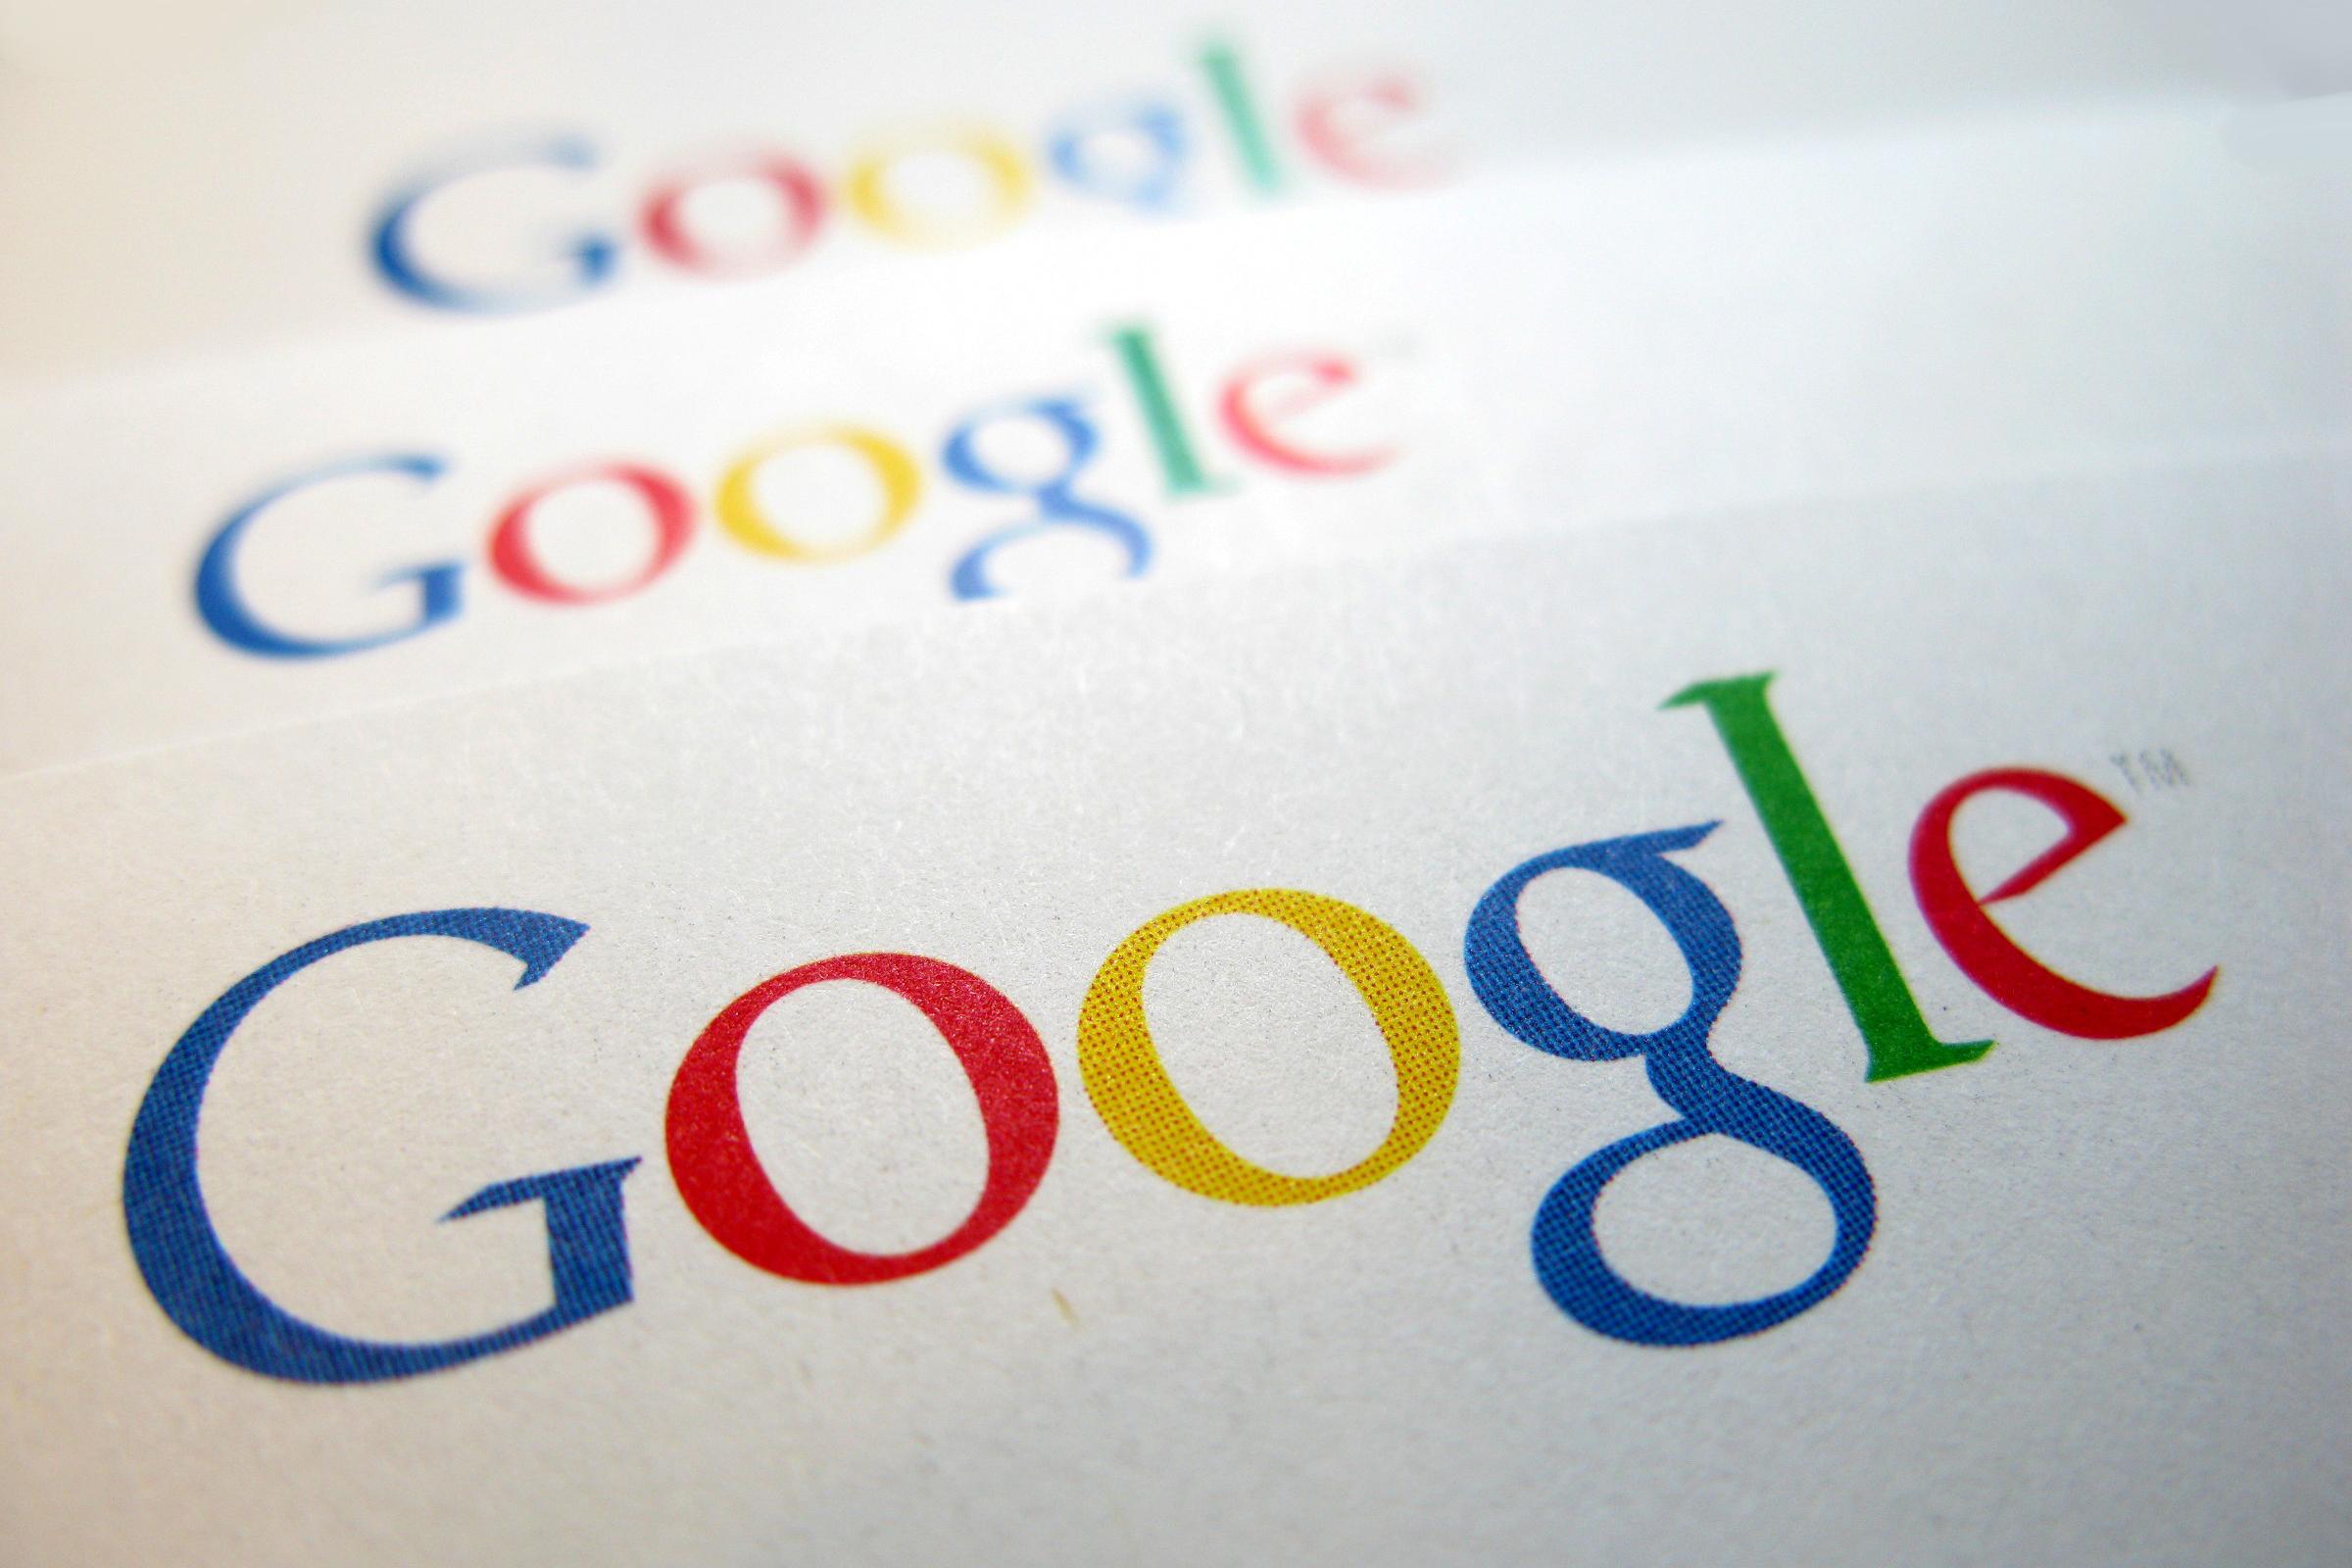 Google s'empare de la start-up CloudSimple pour faciliter l'implémentation de son cloud dans les entreprises